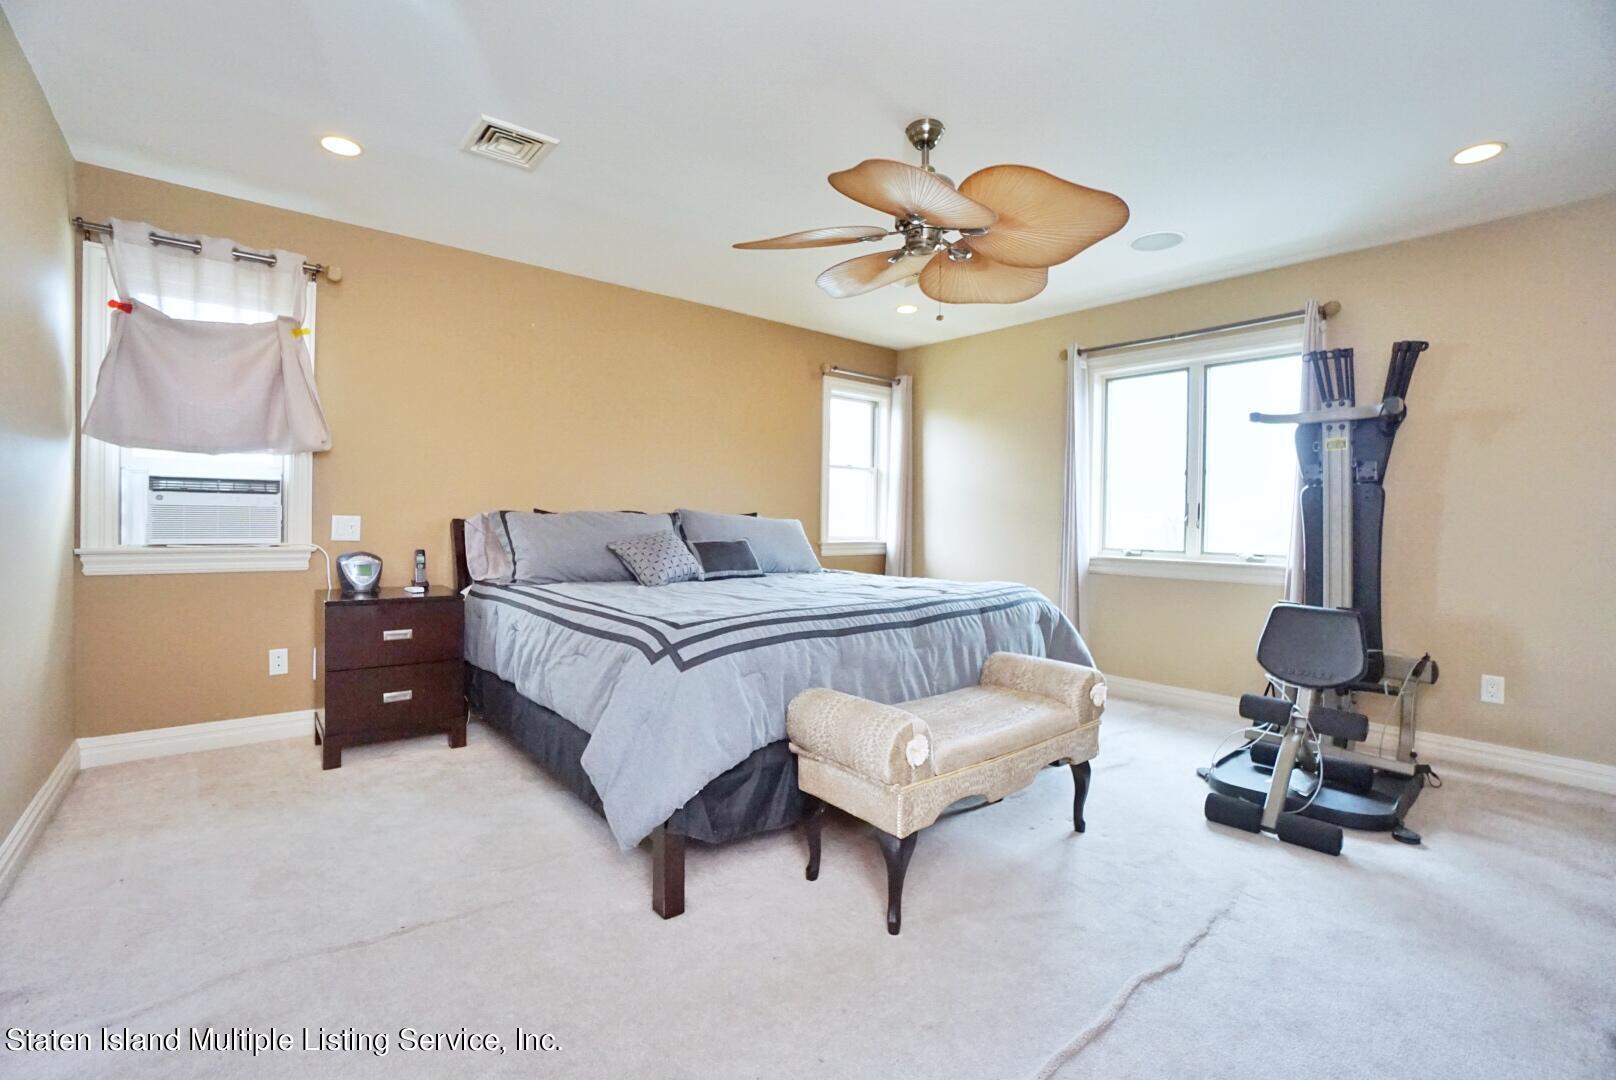 Single Family - Detached 206 Ramapo Avenue  Staten Island, NY 10309, MLS-1147193-17